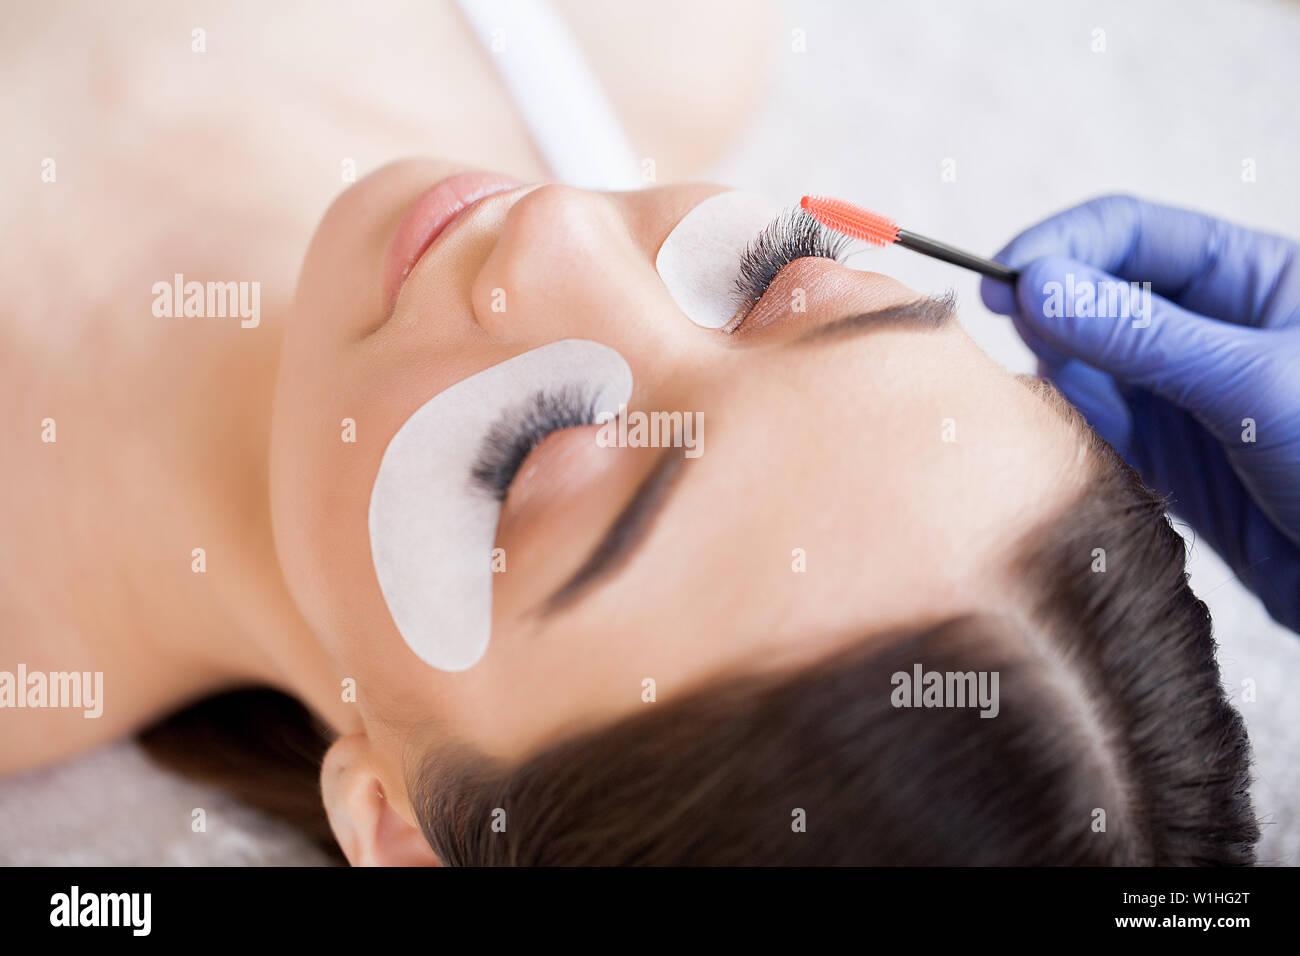 2b1b01290d5 Eyelashes extensions. Fake Eyelashes. Eyelash Extension Procedure.  Professional stylist lengthening female lashes.